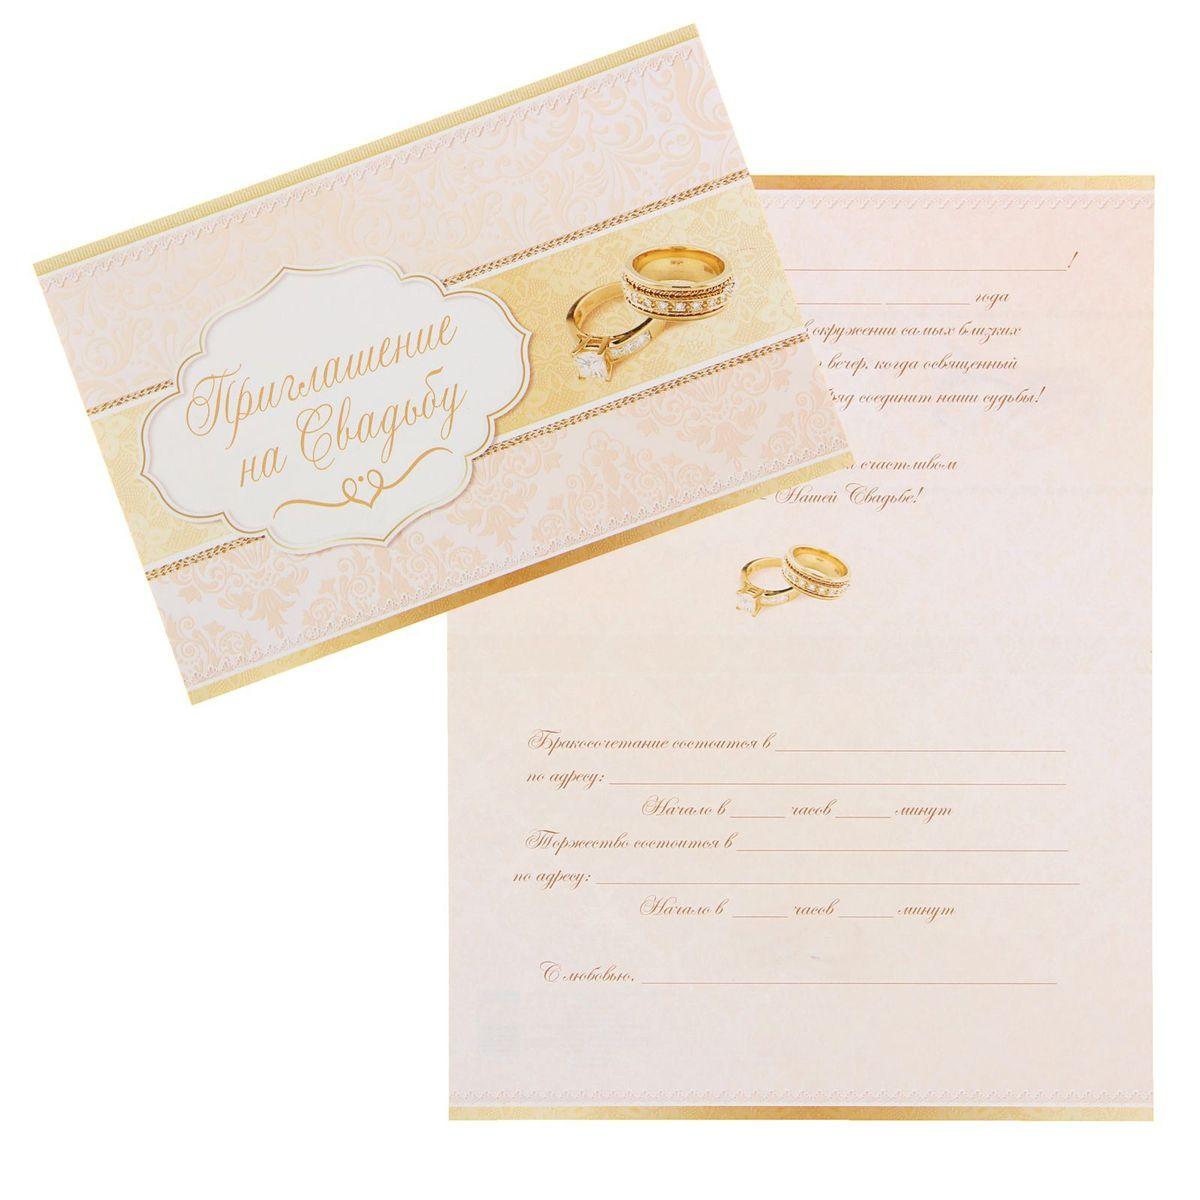 Sima-land Приглашение на свадьбу Свадебная классика, 18х12см1333772Свадьба — одно из главных событий в жизни каждого человека. Для идеального торжества необходимо продумать каждую мелочь. Родным и близким будет приятно получить индивидуальную красивую открытку с эксклюзивным дизайном.